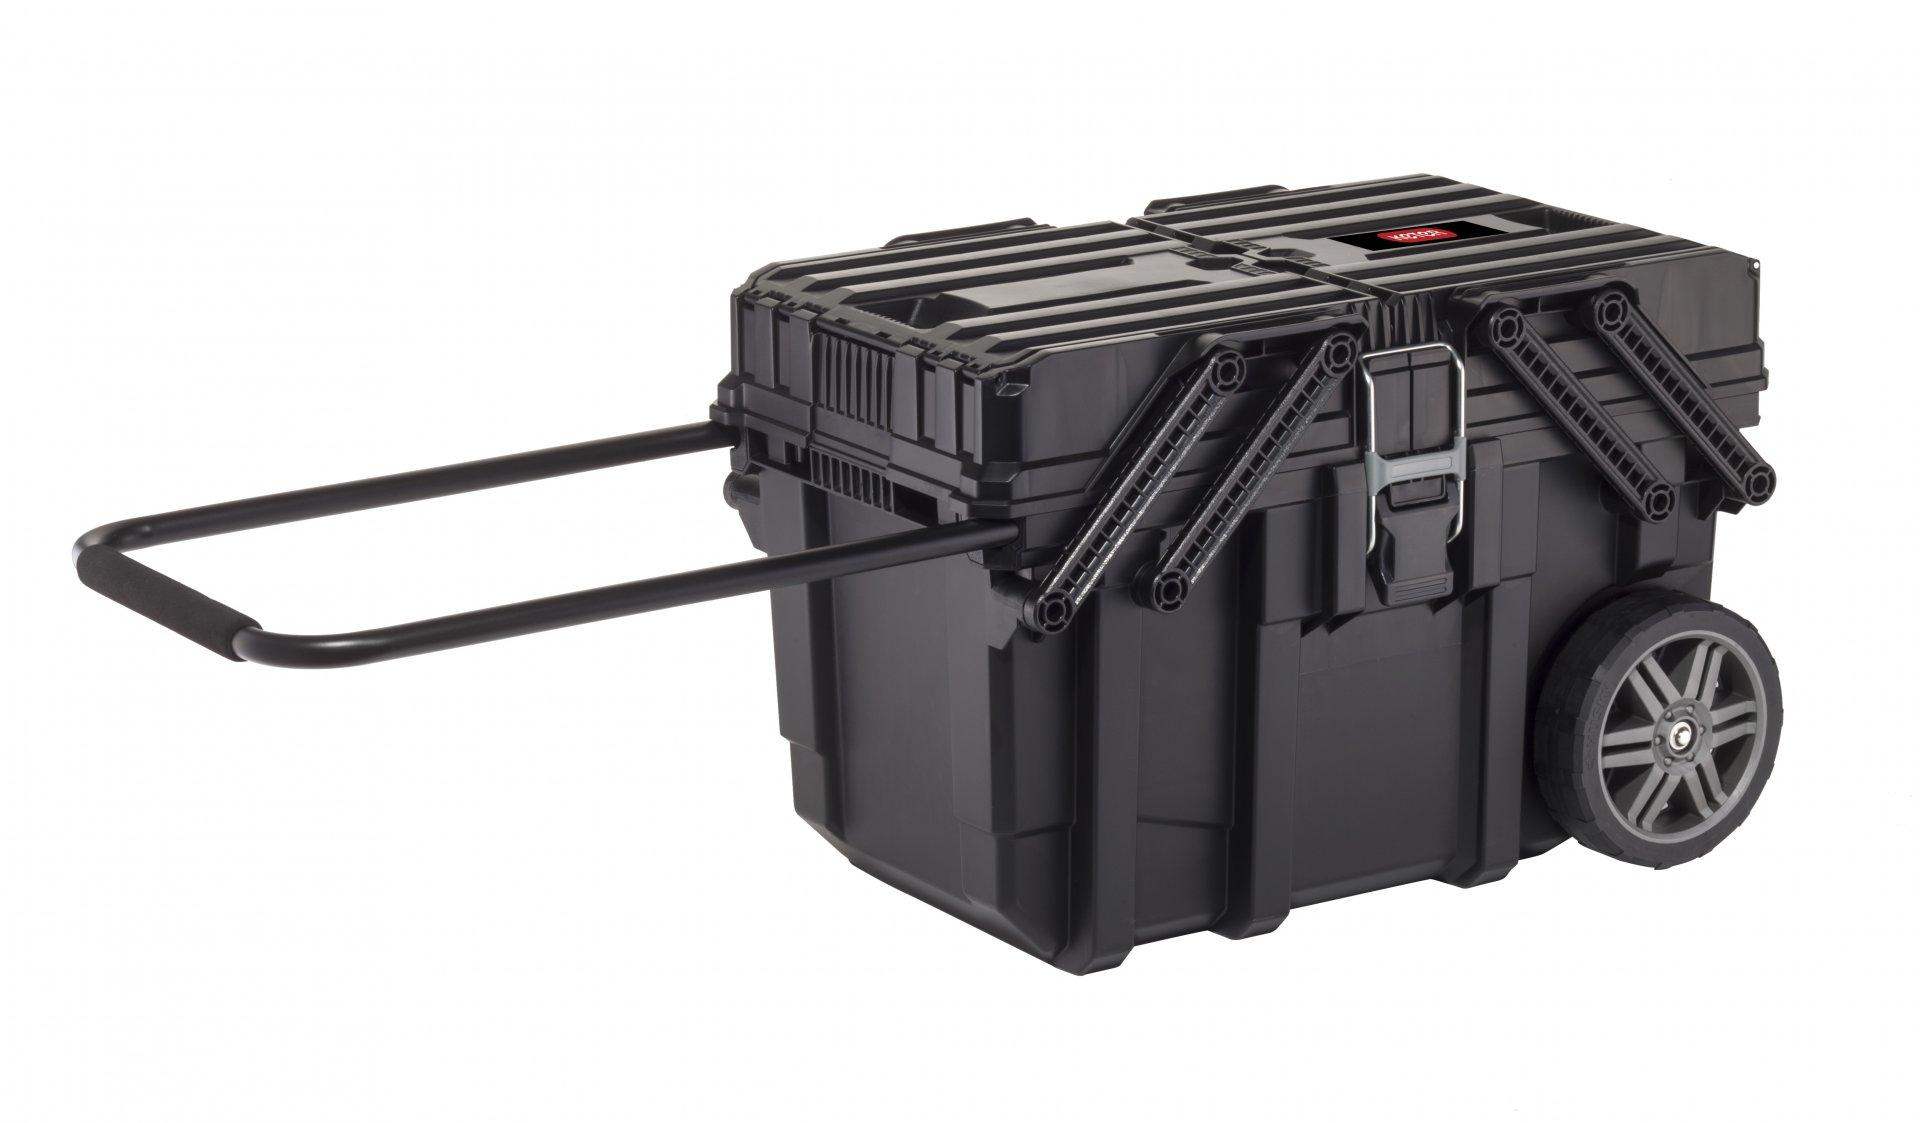 Keter Organizér na kolečkách Job Box černý 64,6x37,3x41cm